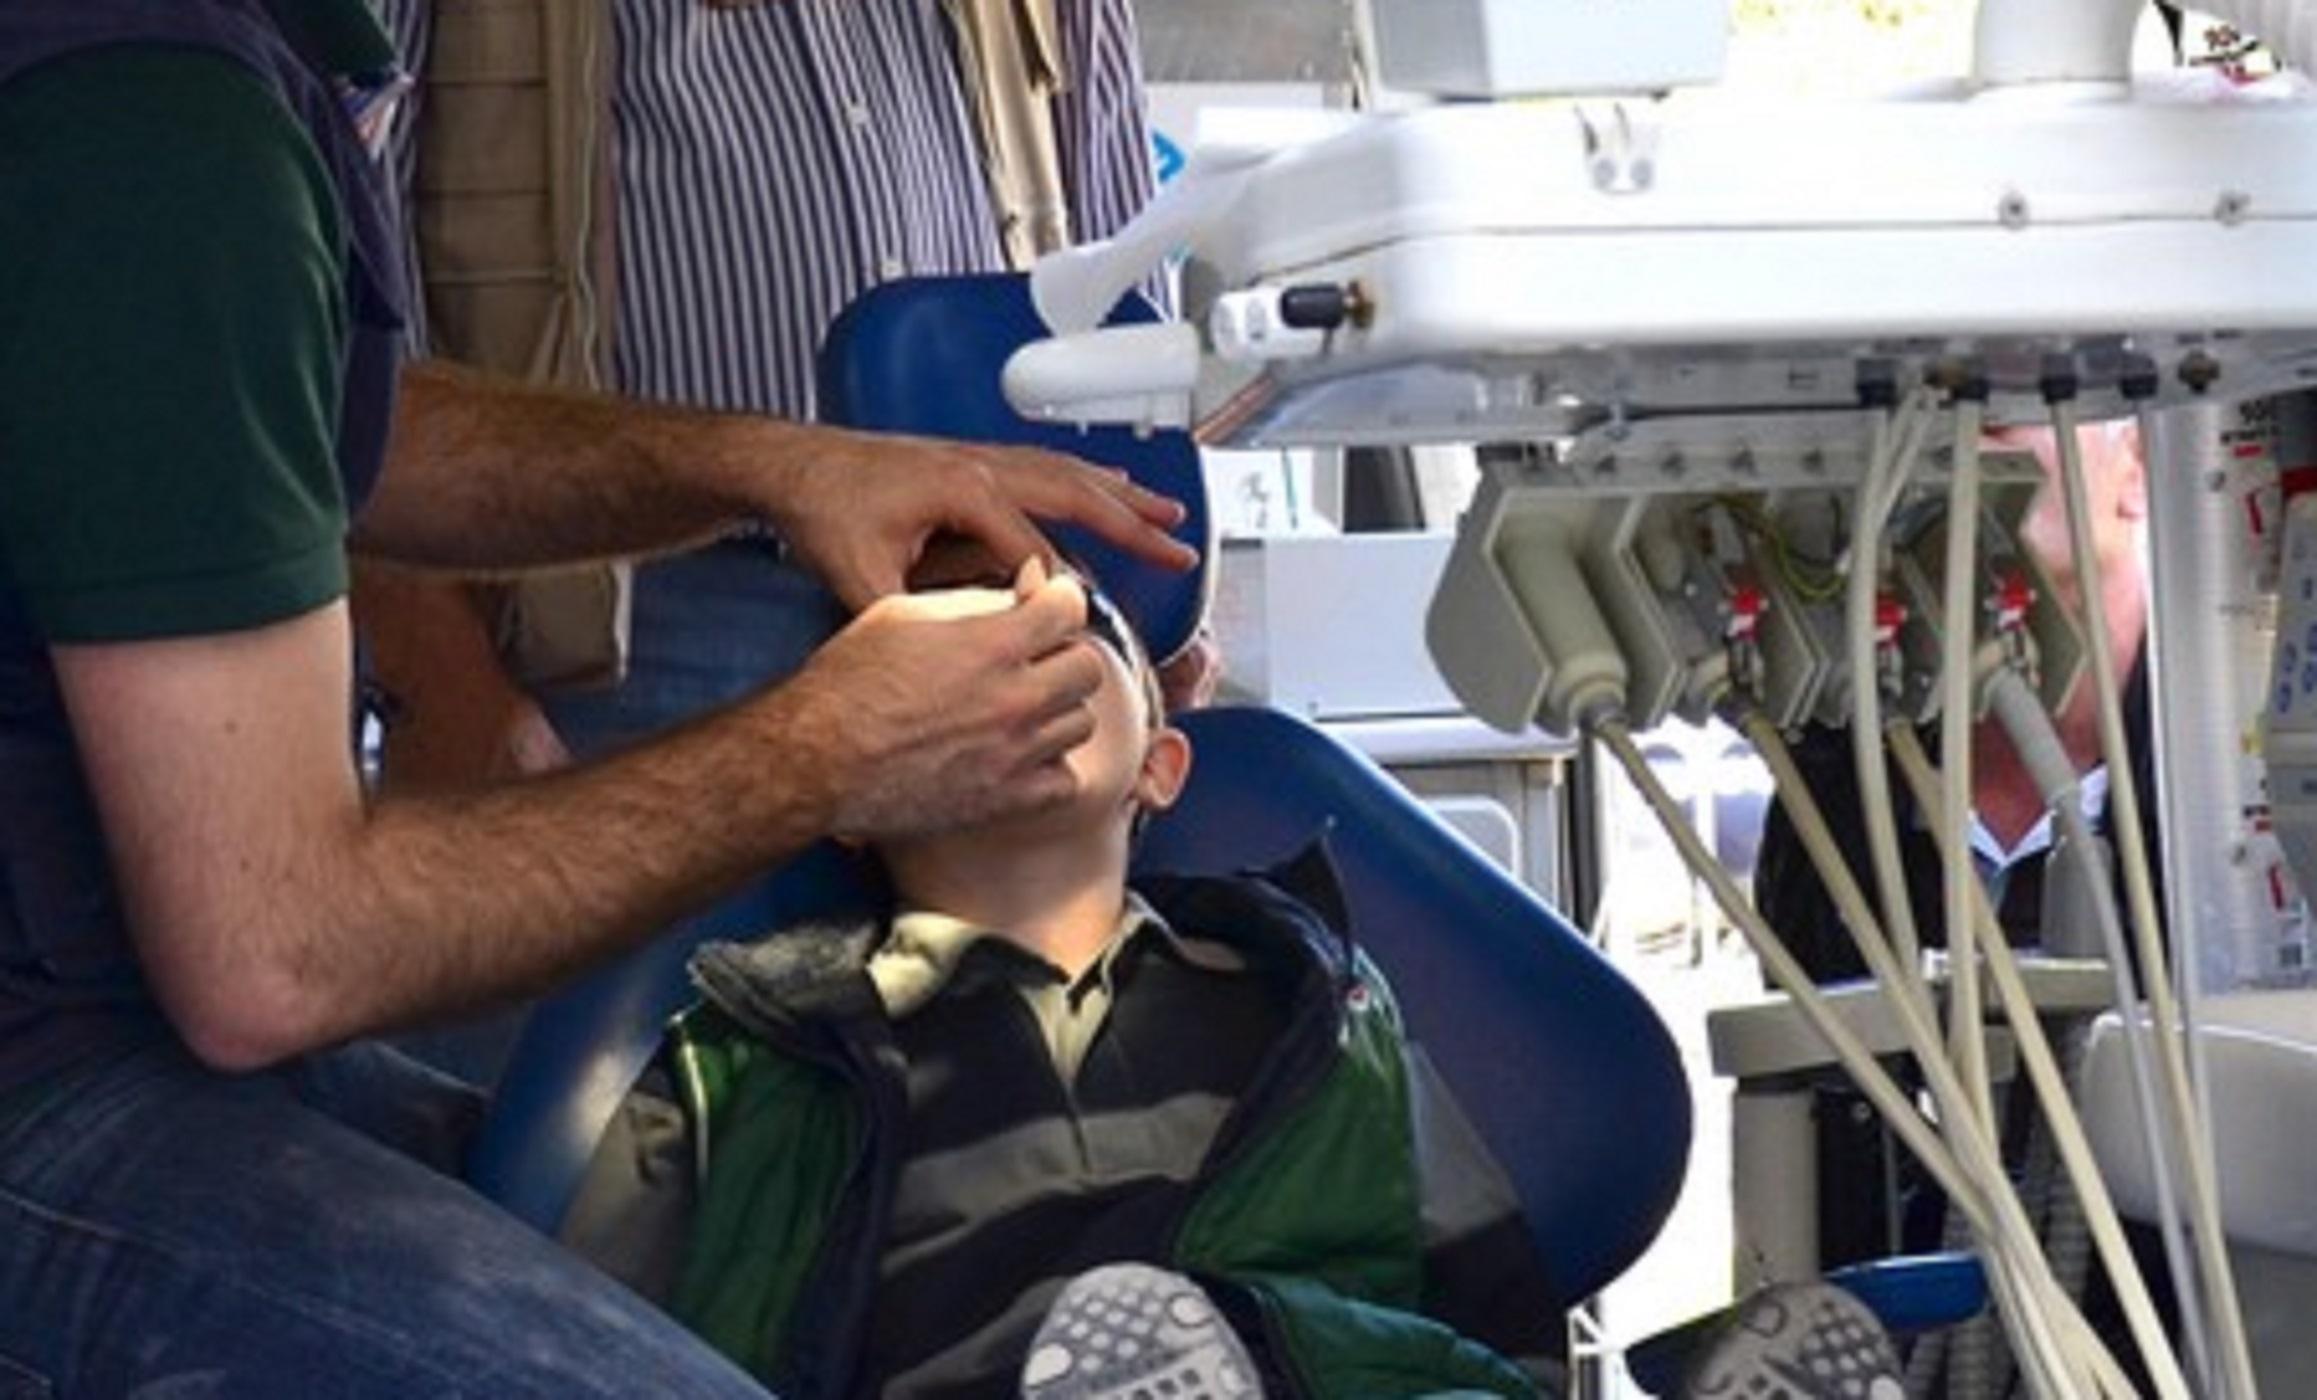 Οδοντίατροι: Να ενταχθούμε κι εμείς στον εμβολιασμό των υγειονομικών